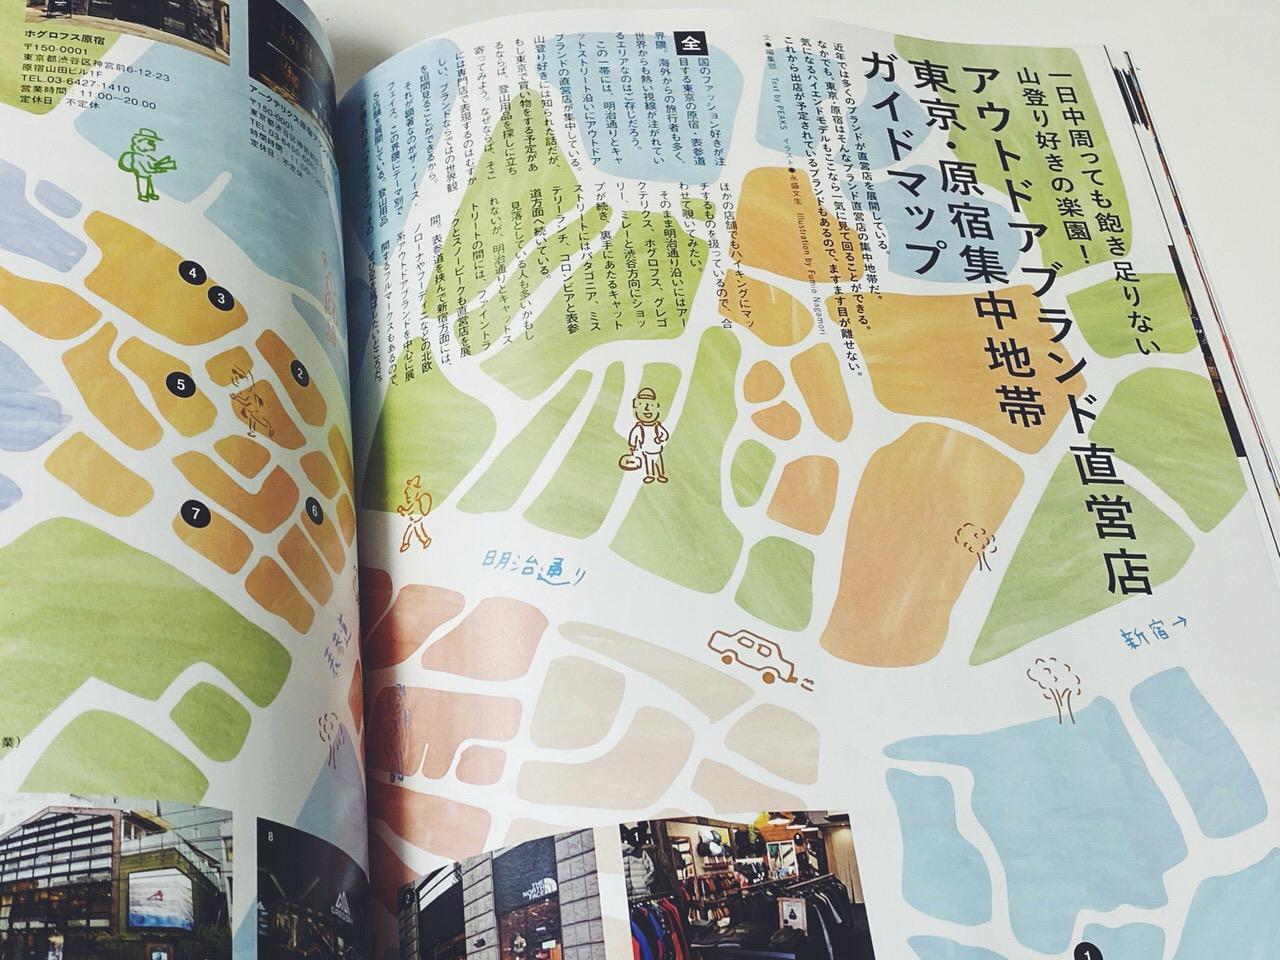 日本全国のアウトドアショップ125店舗を収録「PEAKS  2020年3月号」5